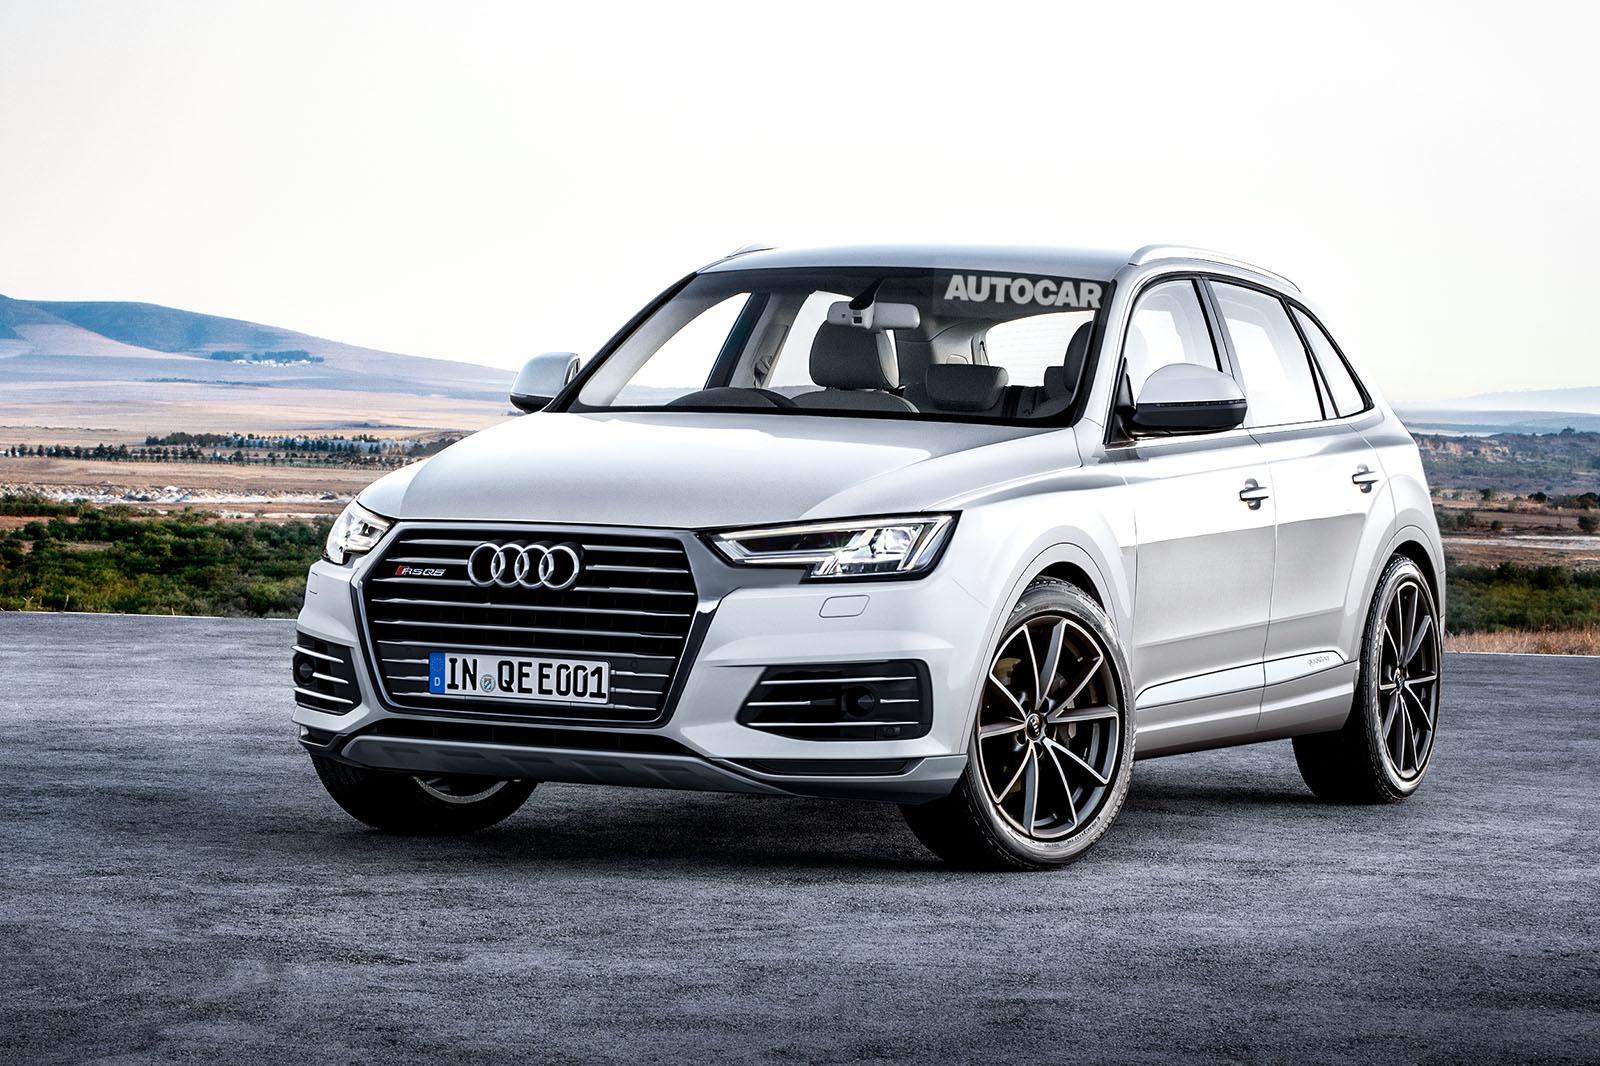 Kelebihan Kekurangan Audi Rs Q5 Harga